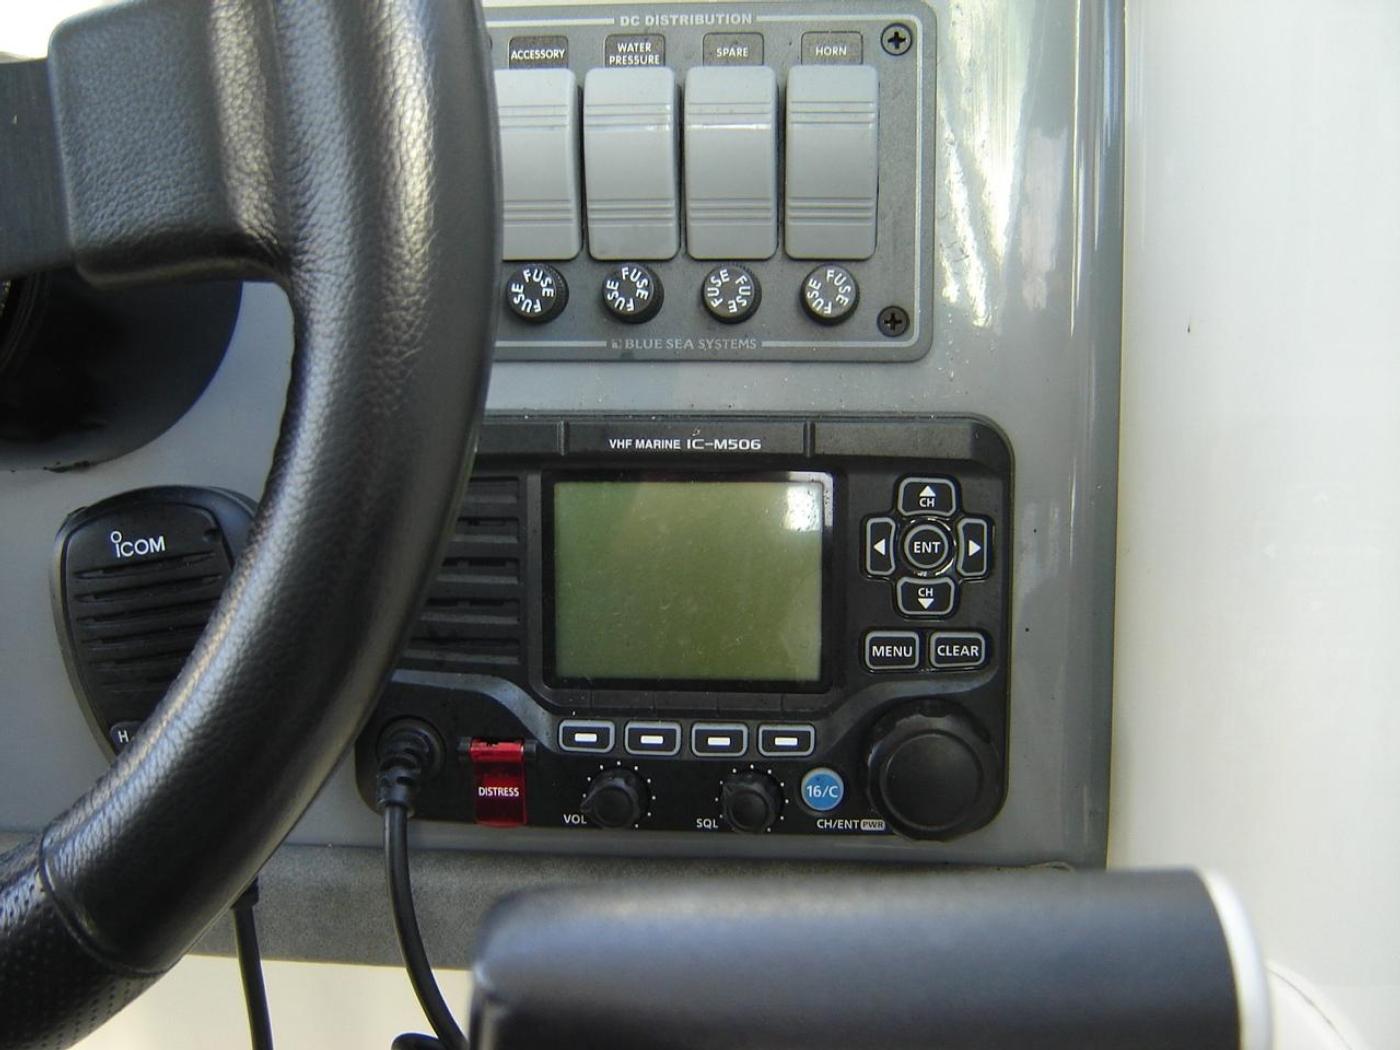 2019 Monaro 235 Sport, VHF Radio with AIS